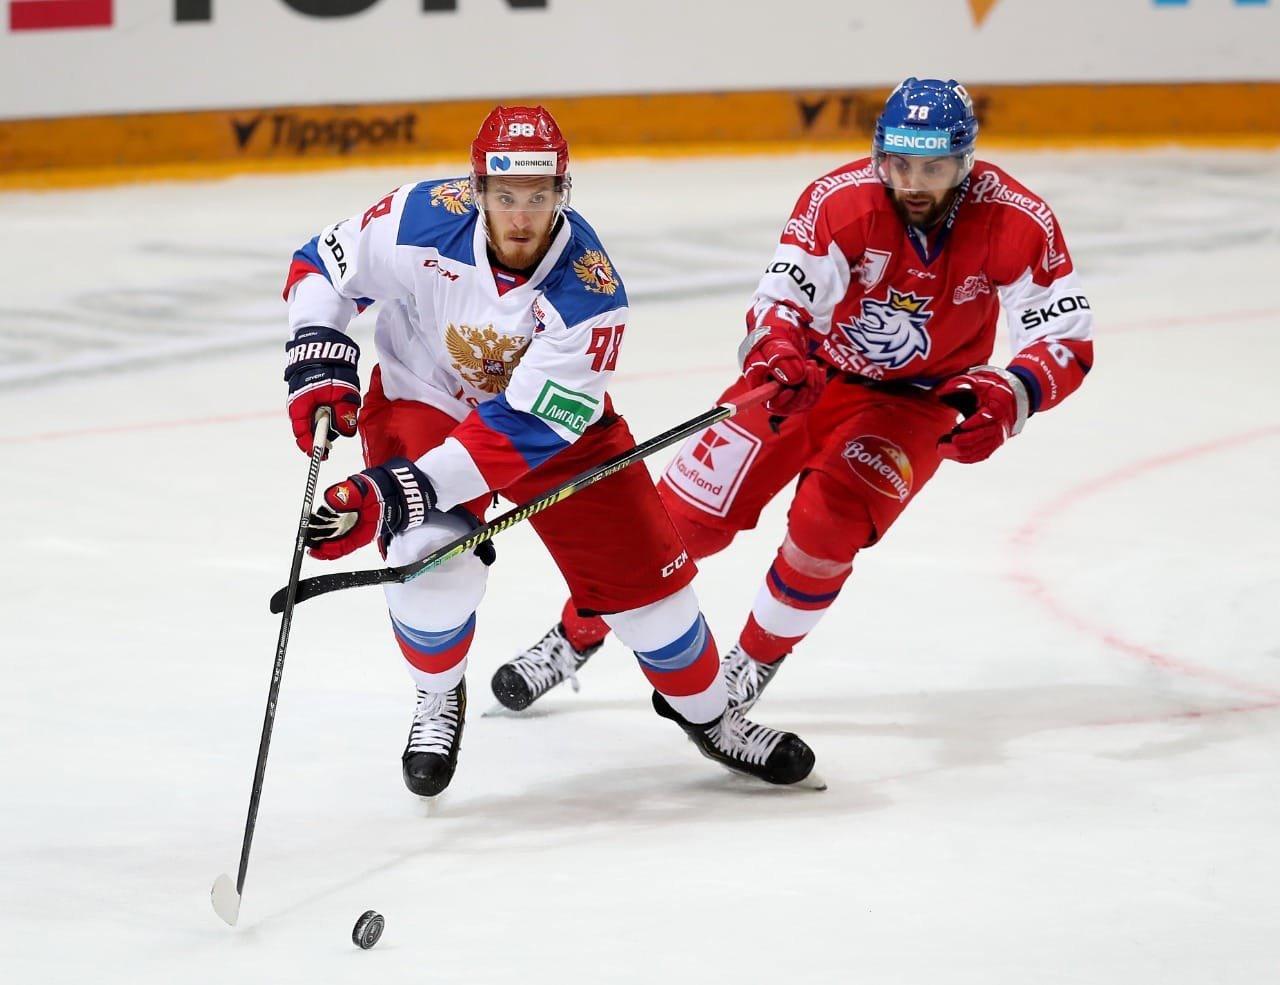 Россия – Чехия: непростой старт на чемпионате мира